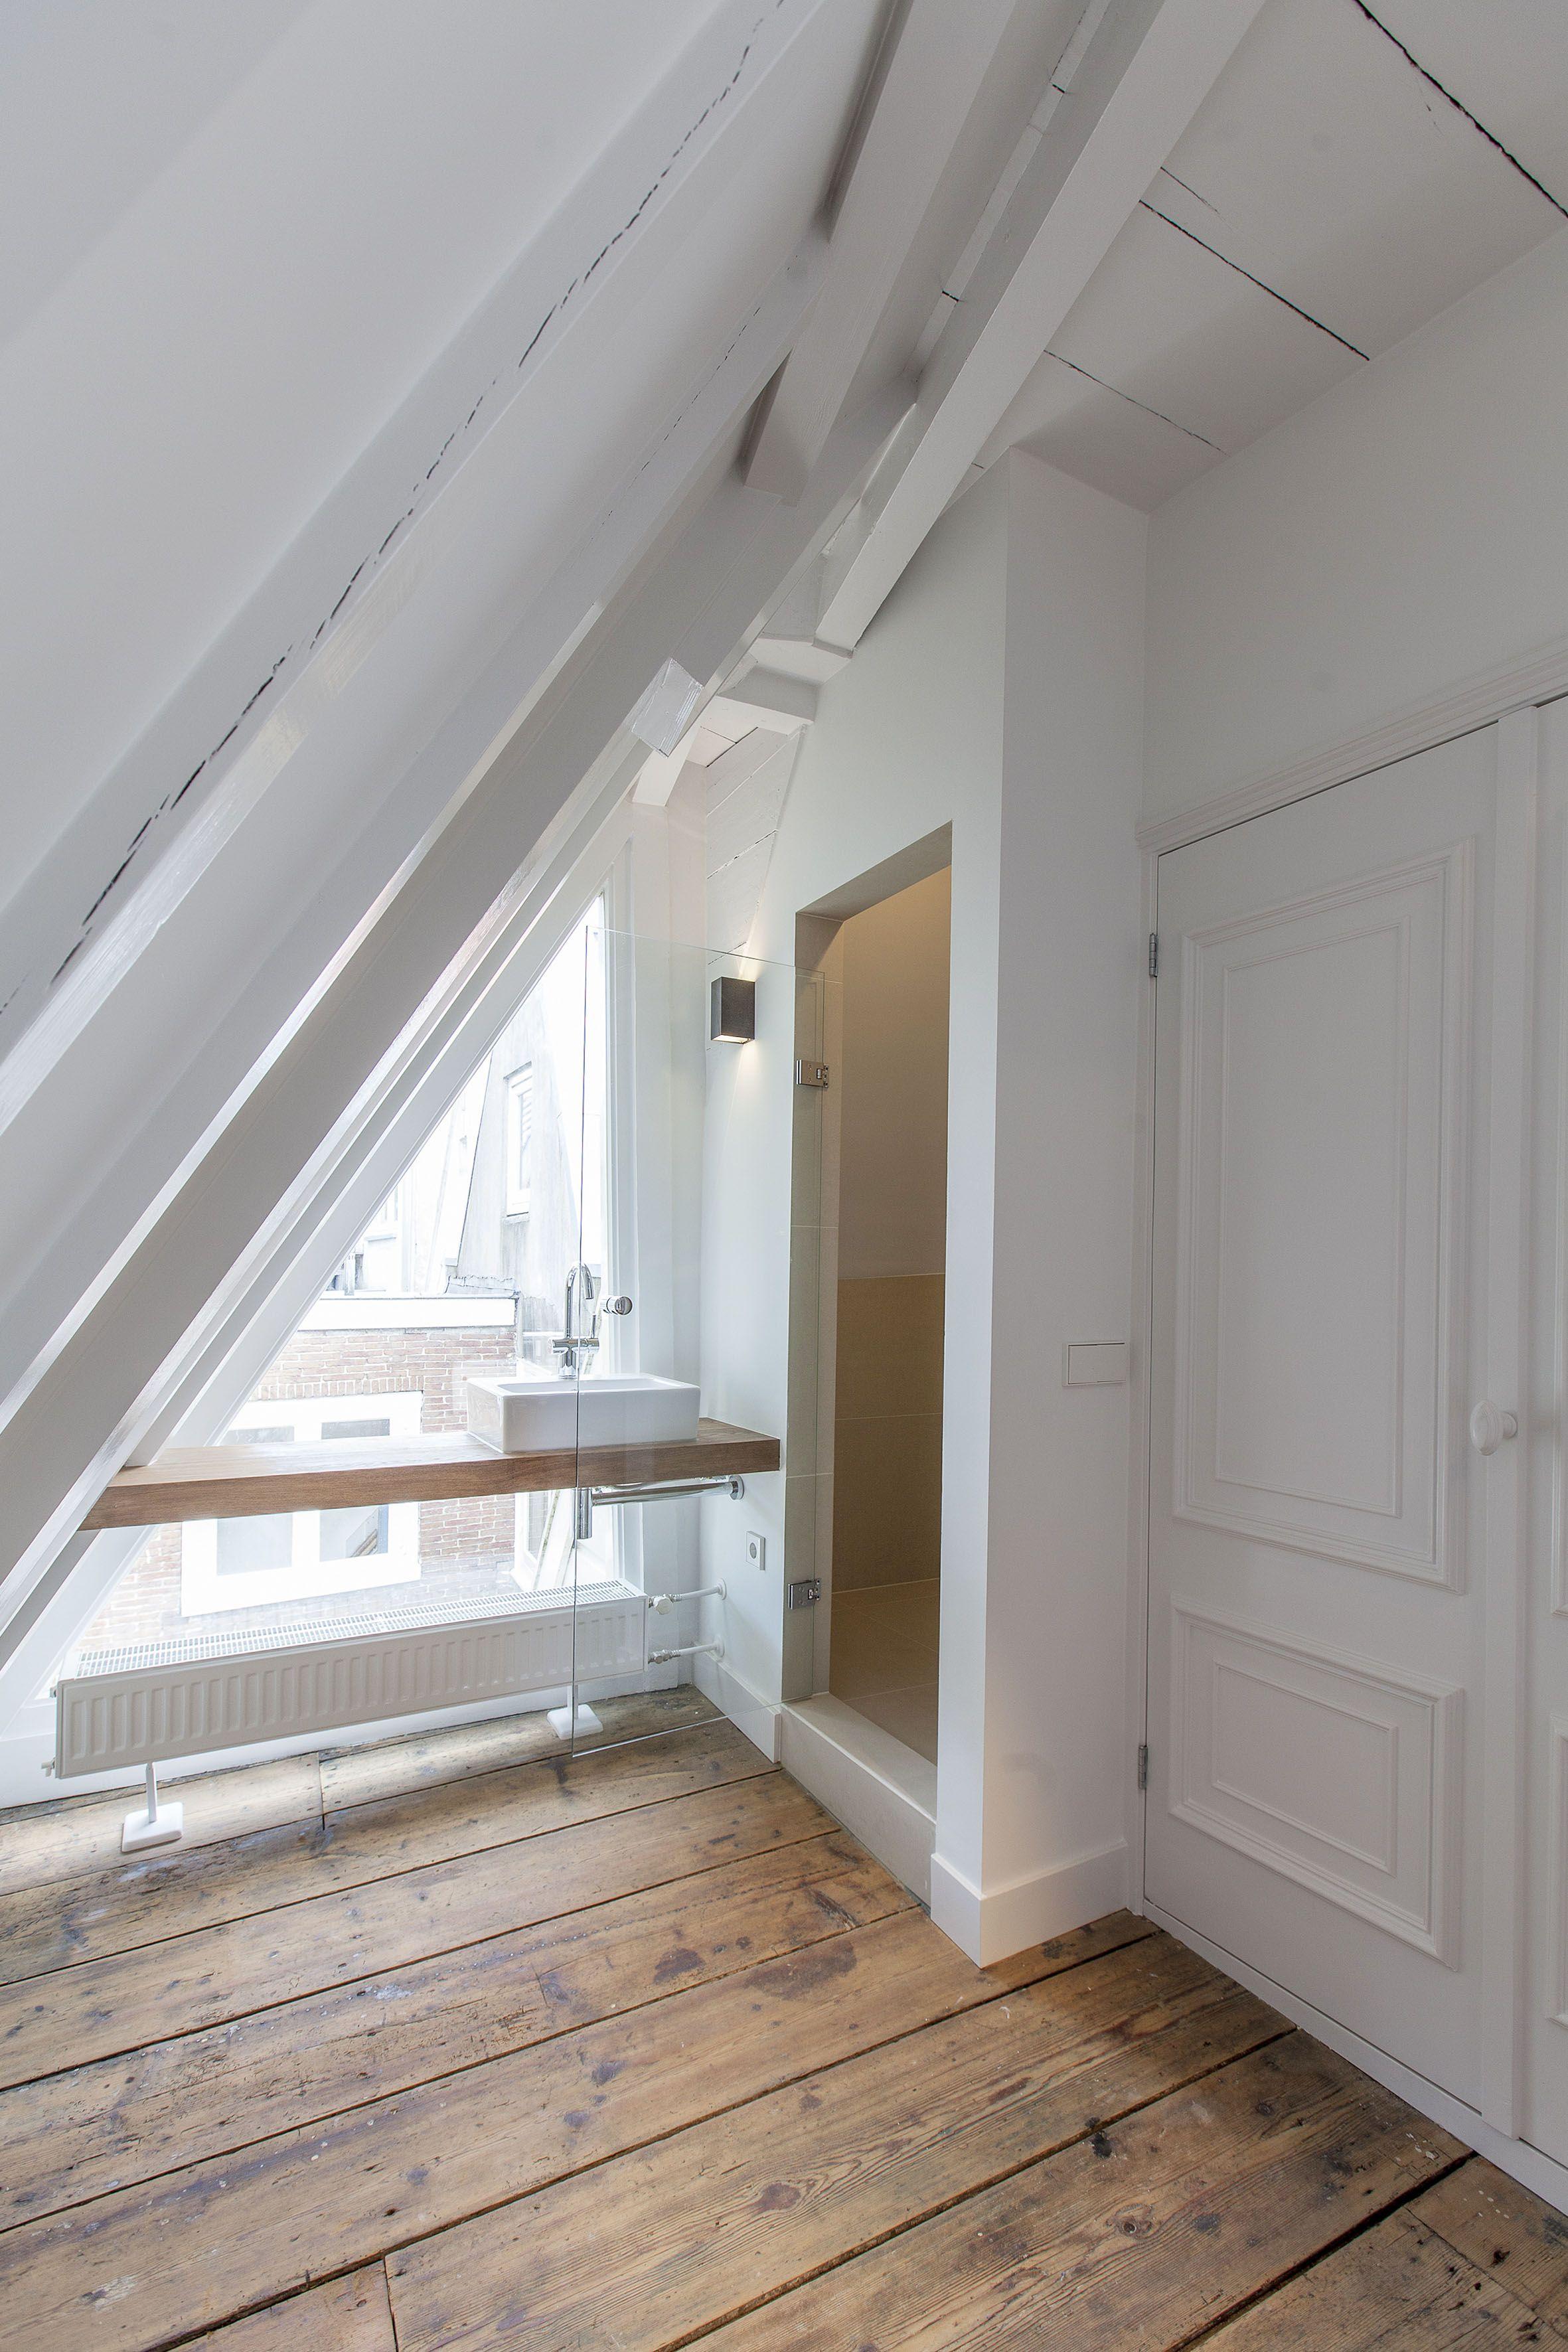 kleine badkamer zolder toegang? | Baths | Pinterest | Flow, Sinks ...